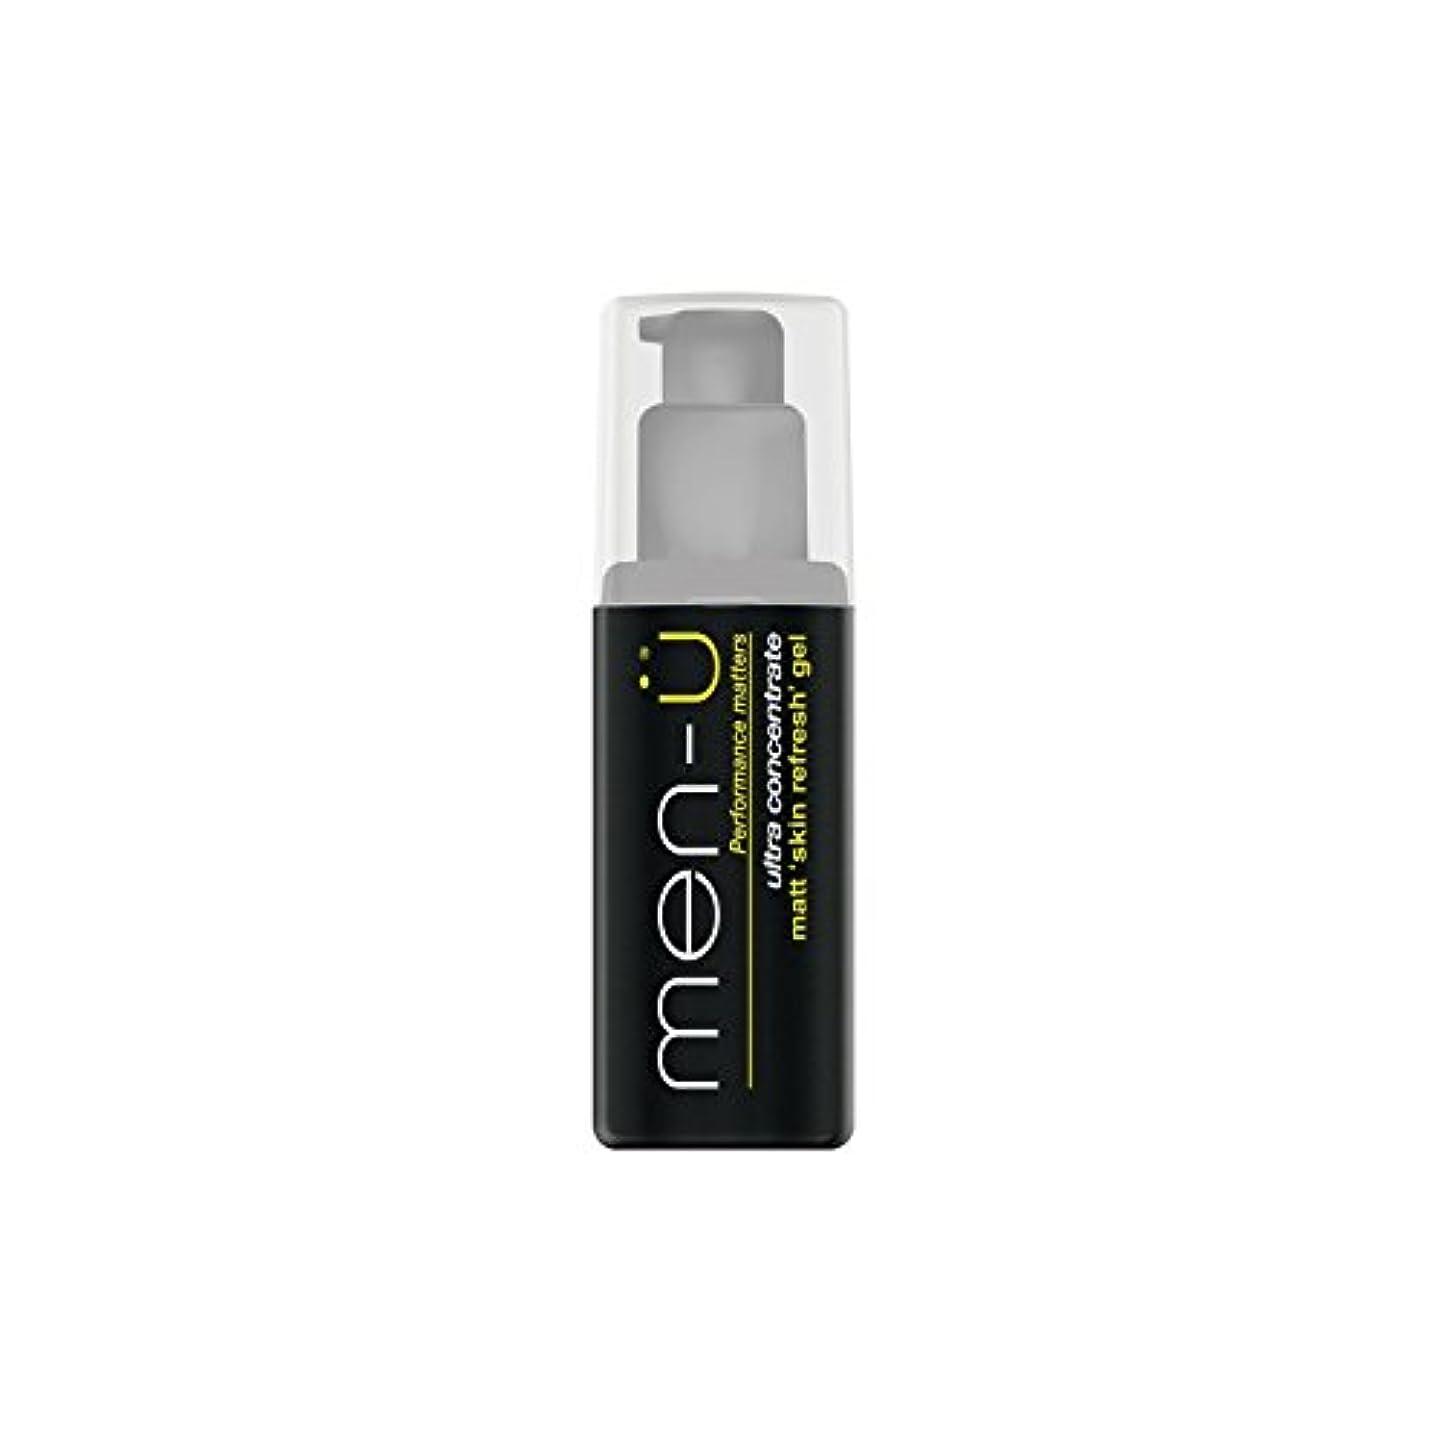 レモン金曜日ダイアクリティカルMen-? Matt Skin Refresh Gel (100ml) - 男性-?マット肌のリフレッシュジェル(100)に [並行輸入品]